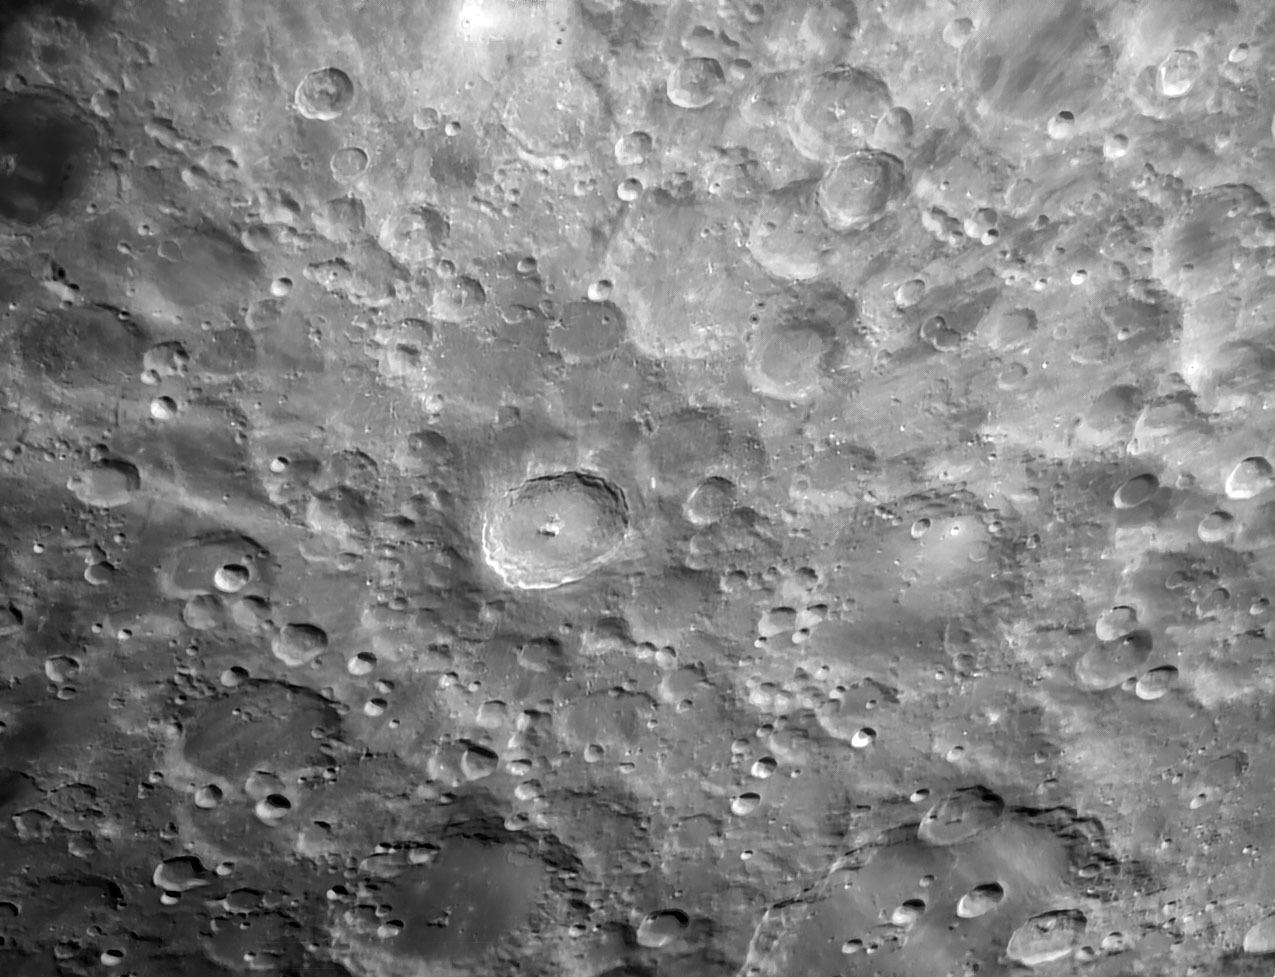 3月28日の月 15cmアクロマート屈折での月面撮影 _e0174091_09472360.jpg